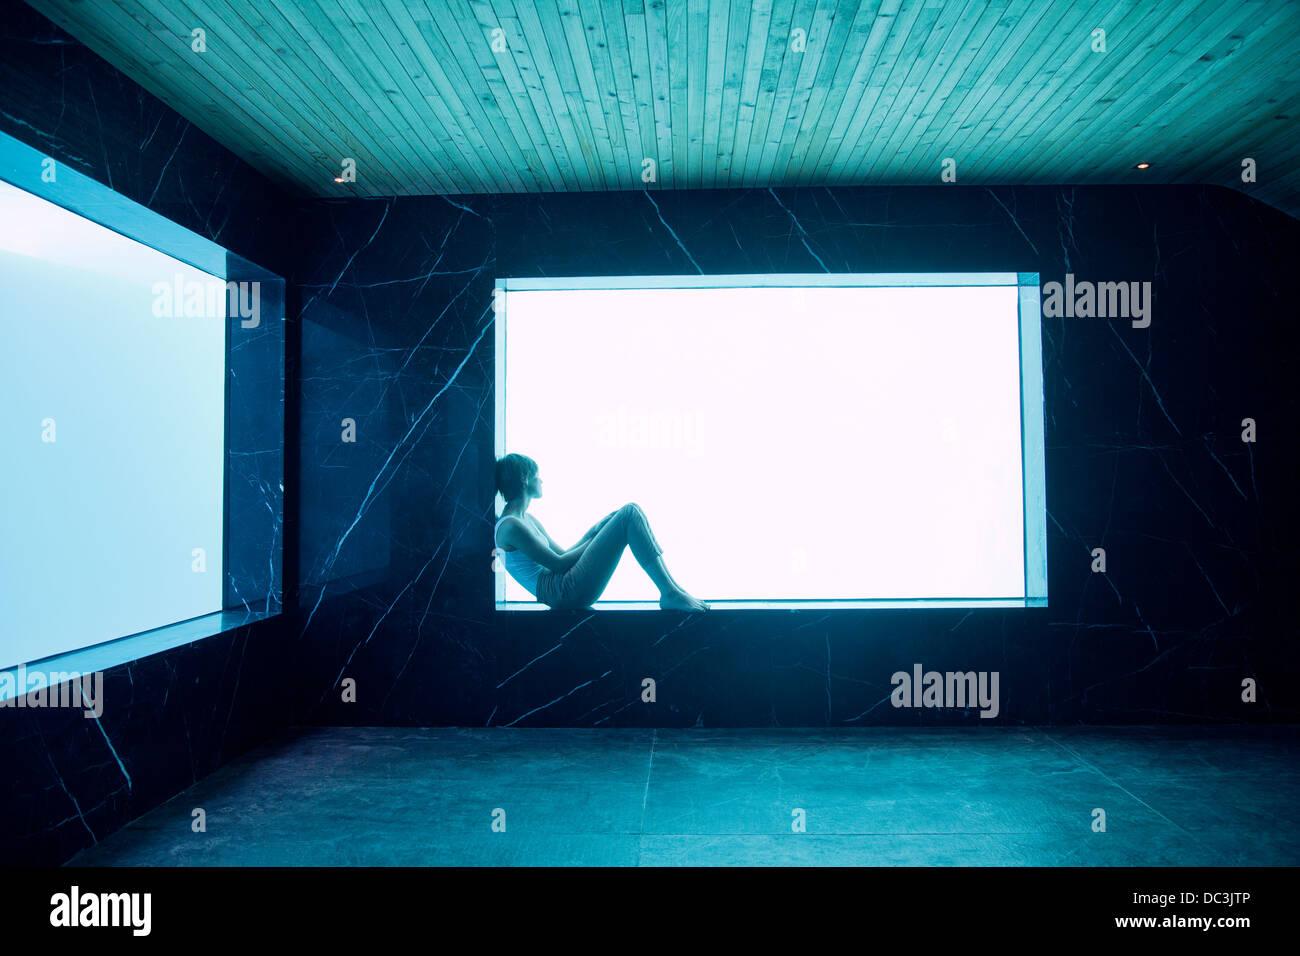 Donna seduta su mensola in corrispondenza della finestra in camera Piscina Immagini Stock